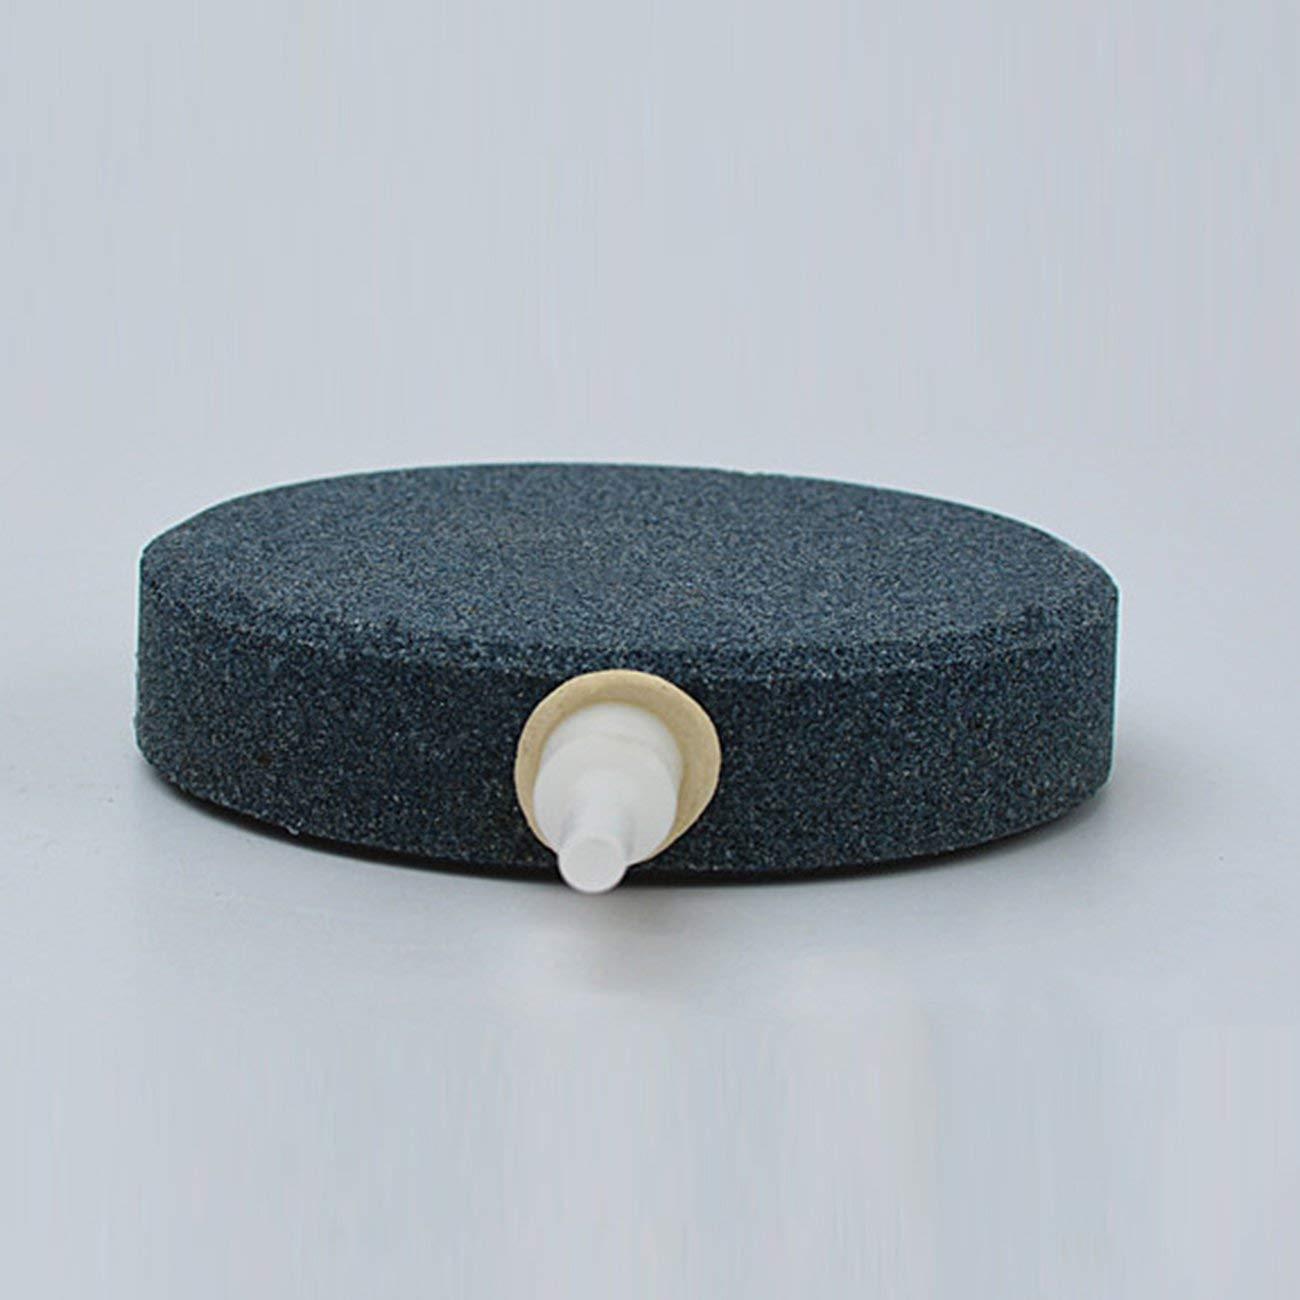 Fannty Burbuja de Piedra de Aire para Acuario Peces hidropónicos Bomba Difusor de cerámica Piedras aéreas